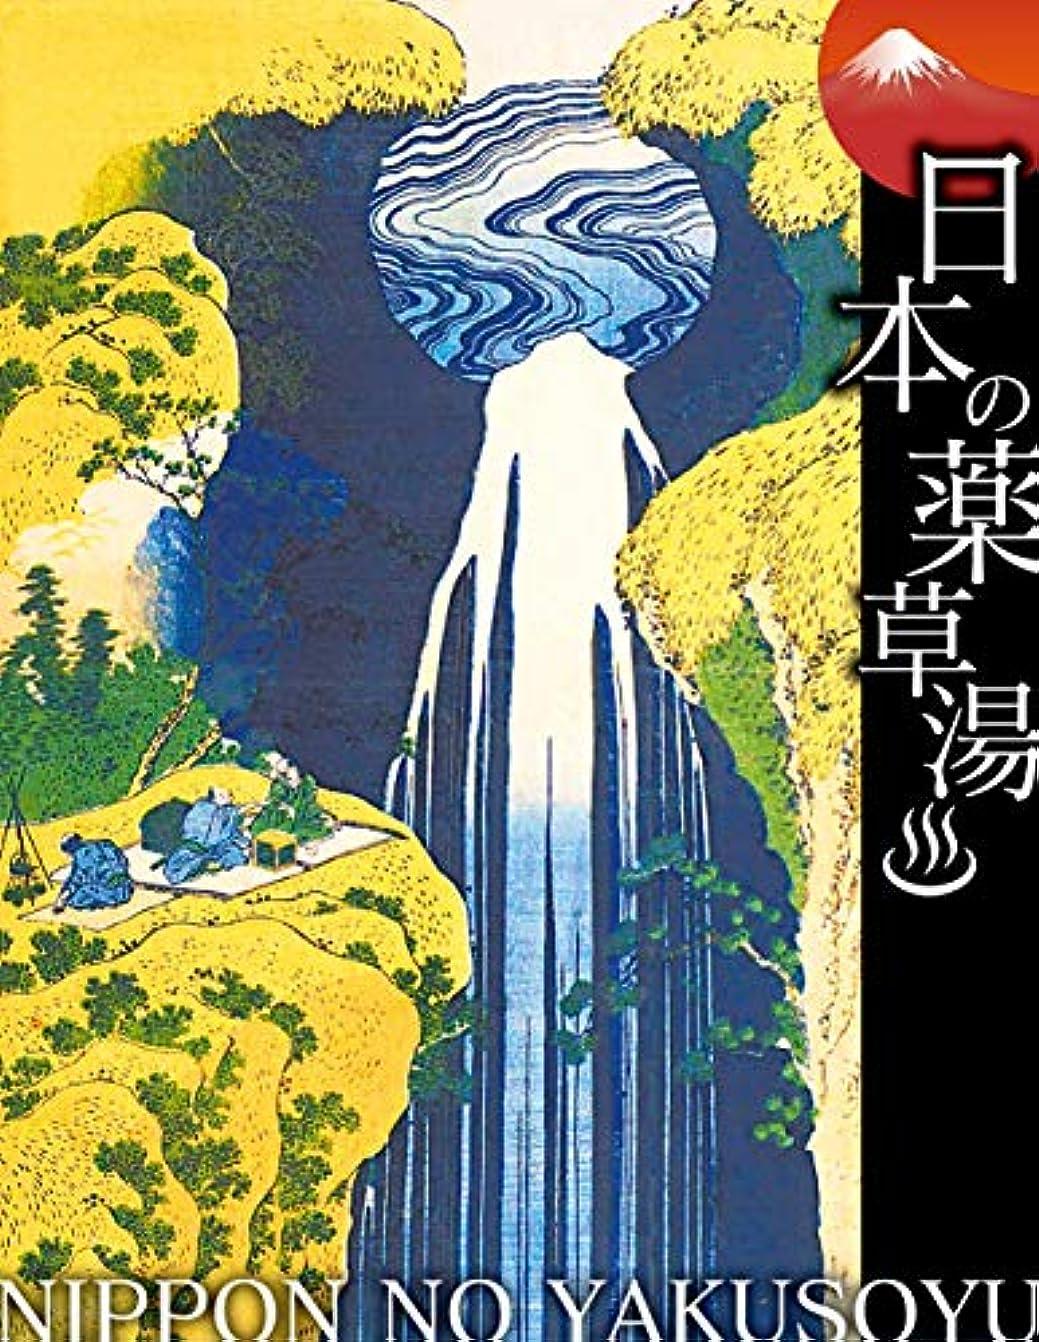 日本の薬草湯 木曽路ノ奥阿弥陀ヶ瀧(諸国瀧廻り)